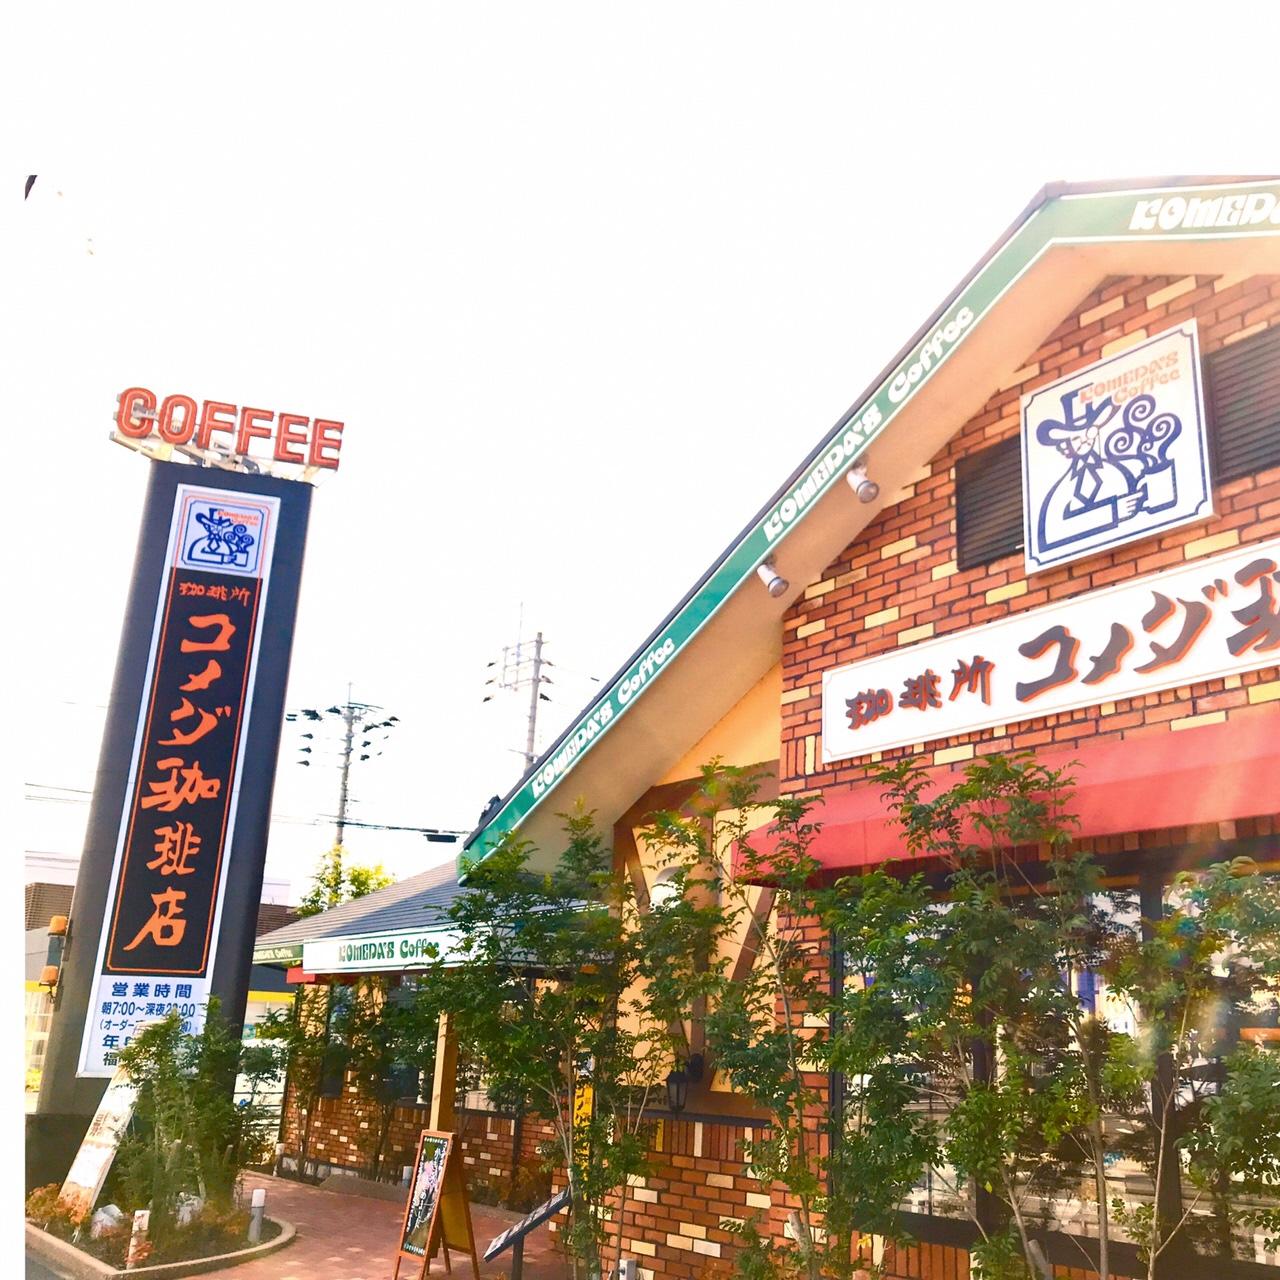 コメダ珈琲店 福間駅南店(コメダコーヒーテン フクマエキミナミテン)